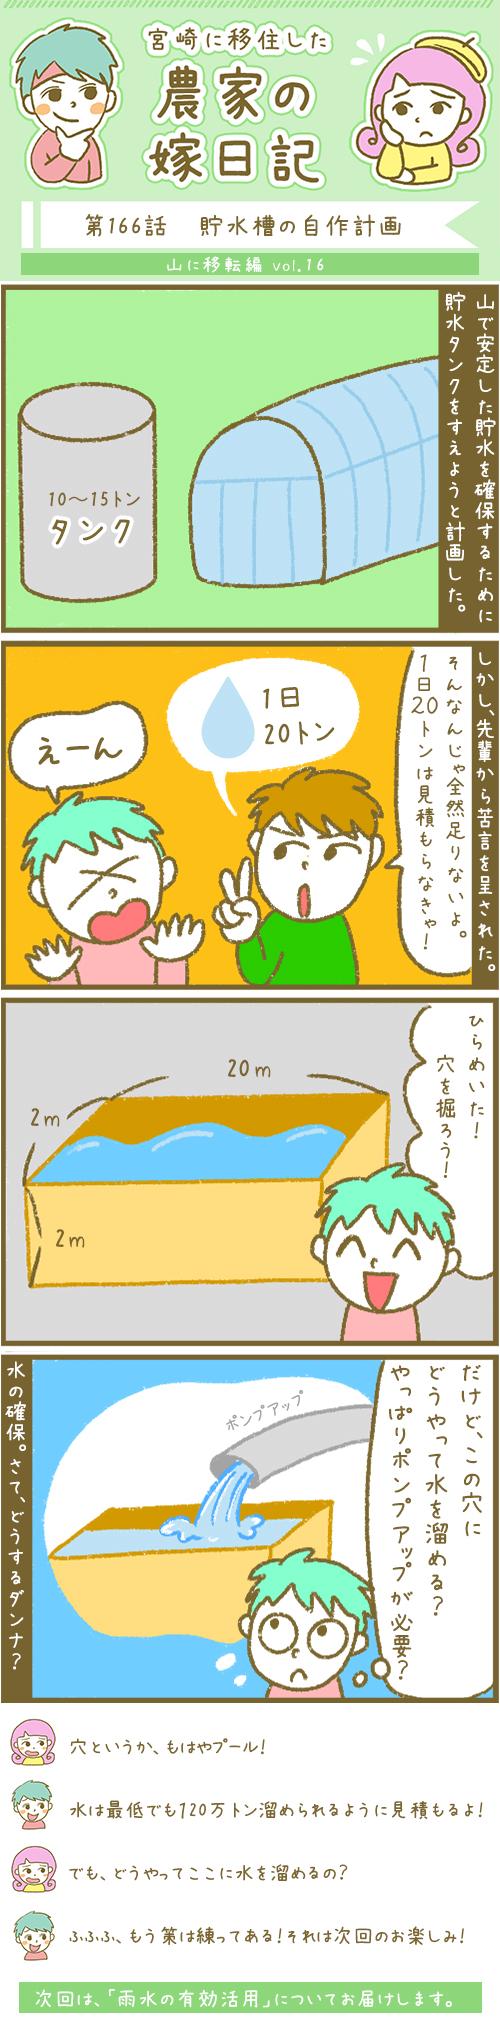 漫画第166話